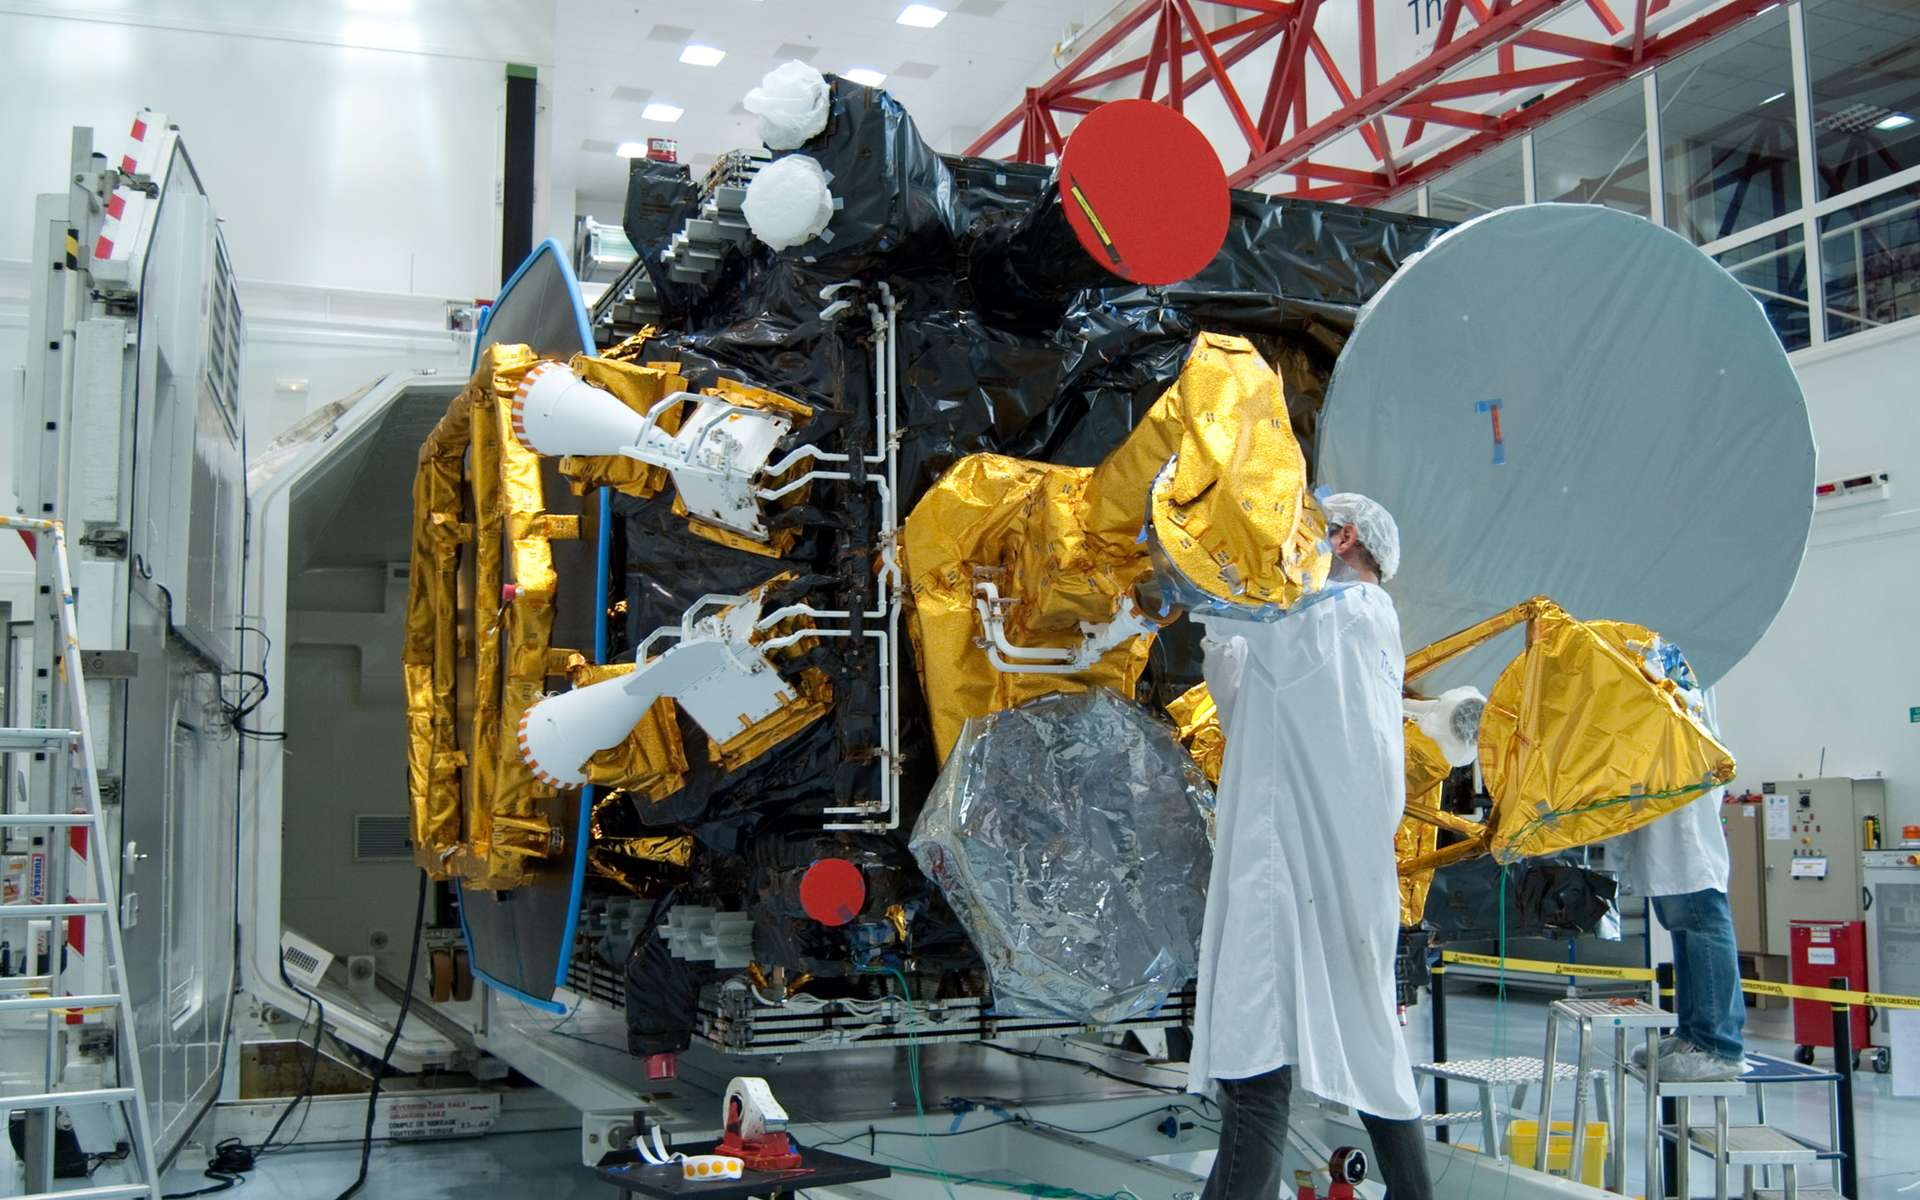 Le satellite Yamal-402 dans les locaux cannois de Thales Alenia Space, quelques jours avant son transfert à Baïkonour, début novembre. L'opération de sauvetage a permis d'amener le satellite sur la bonne orbite deux jours plus tard que prévu. © Rémy Decourt, Futura-Sciences